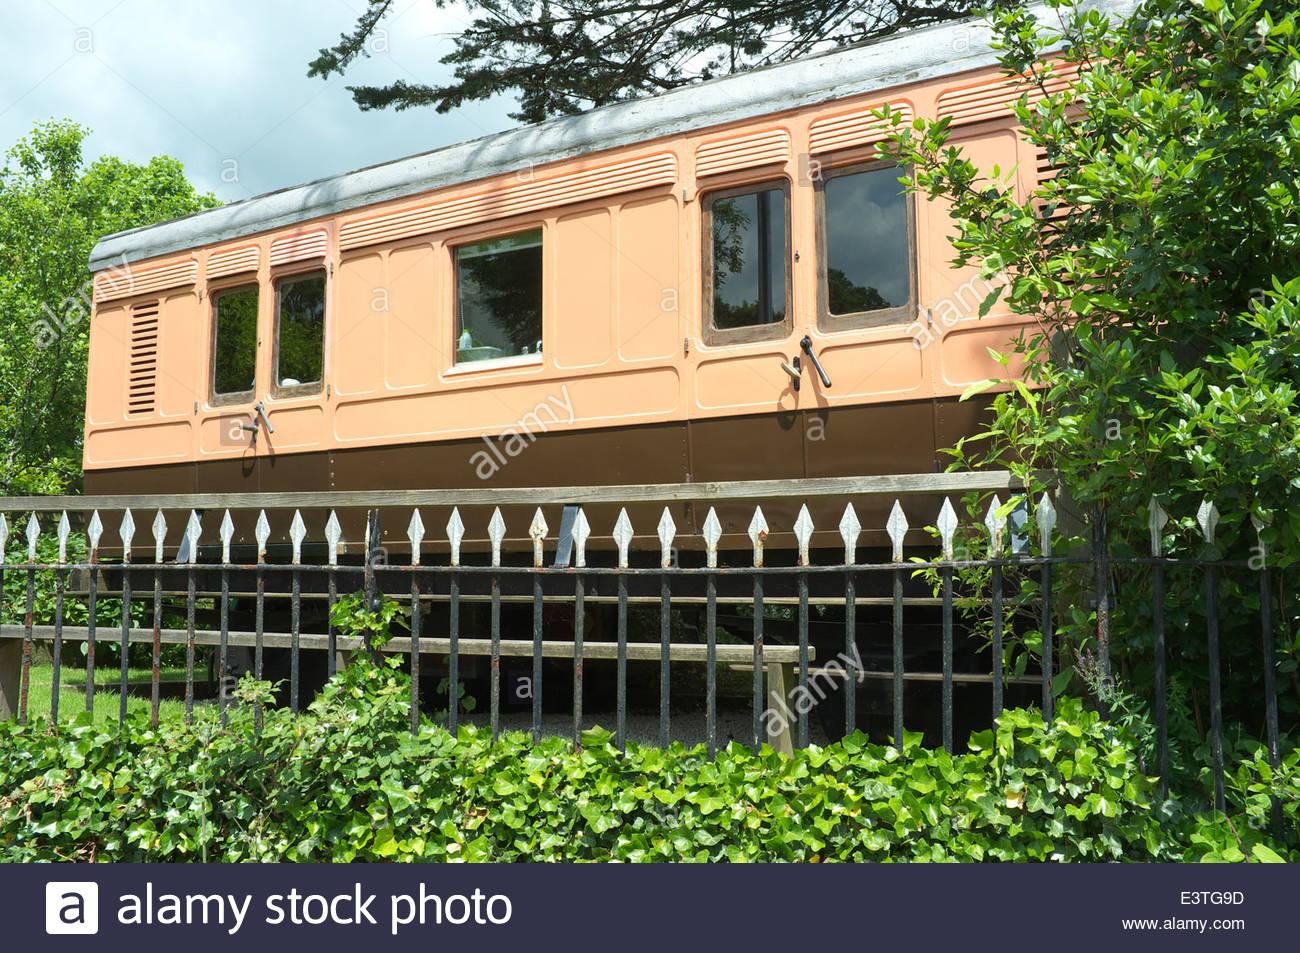 Die alten Gepäckwagen, einem restaurierten Eisenbahnwagen, die jetzt Urlaub accommodation,St.Germans Bahnhof Stockbild